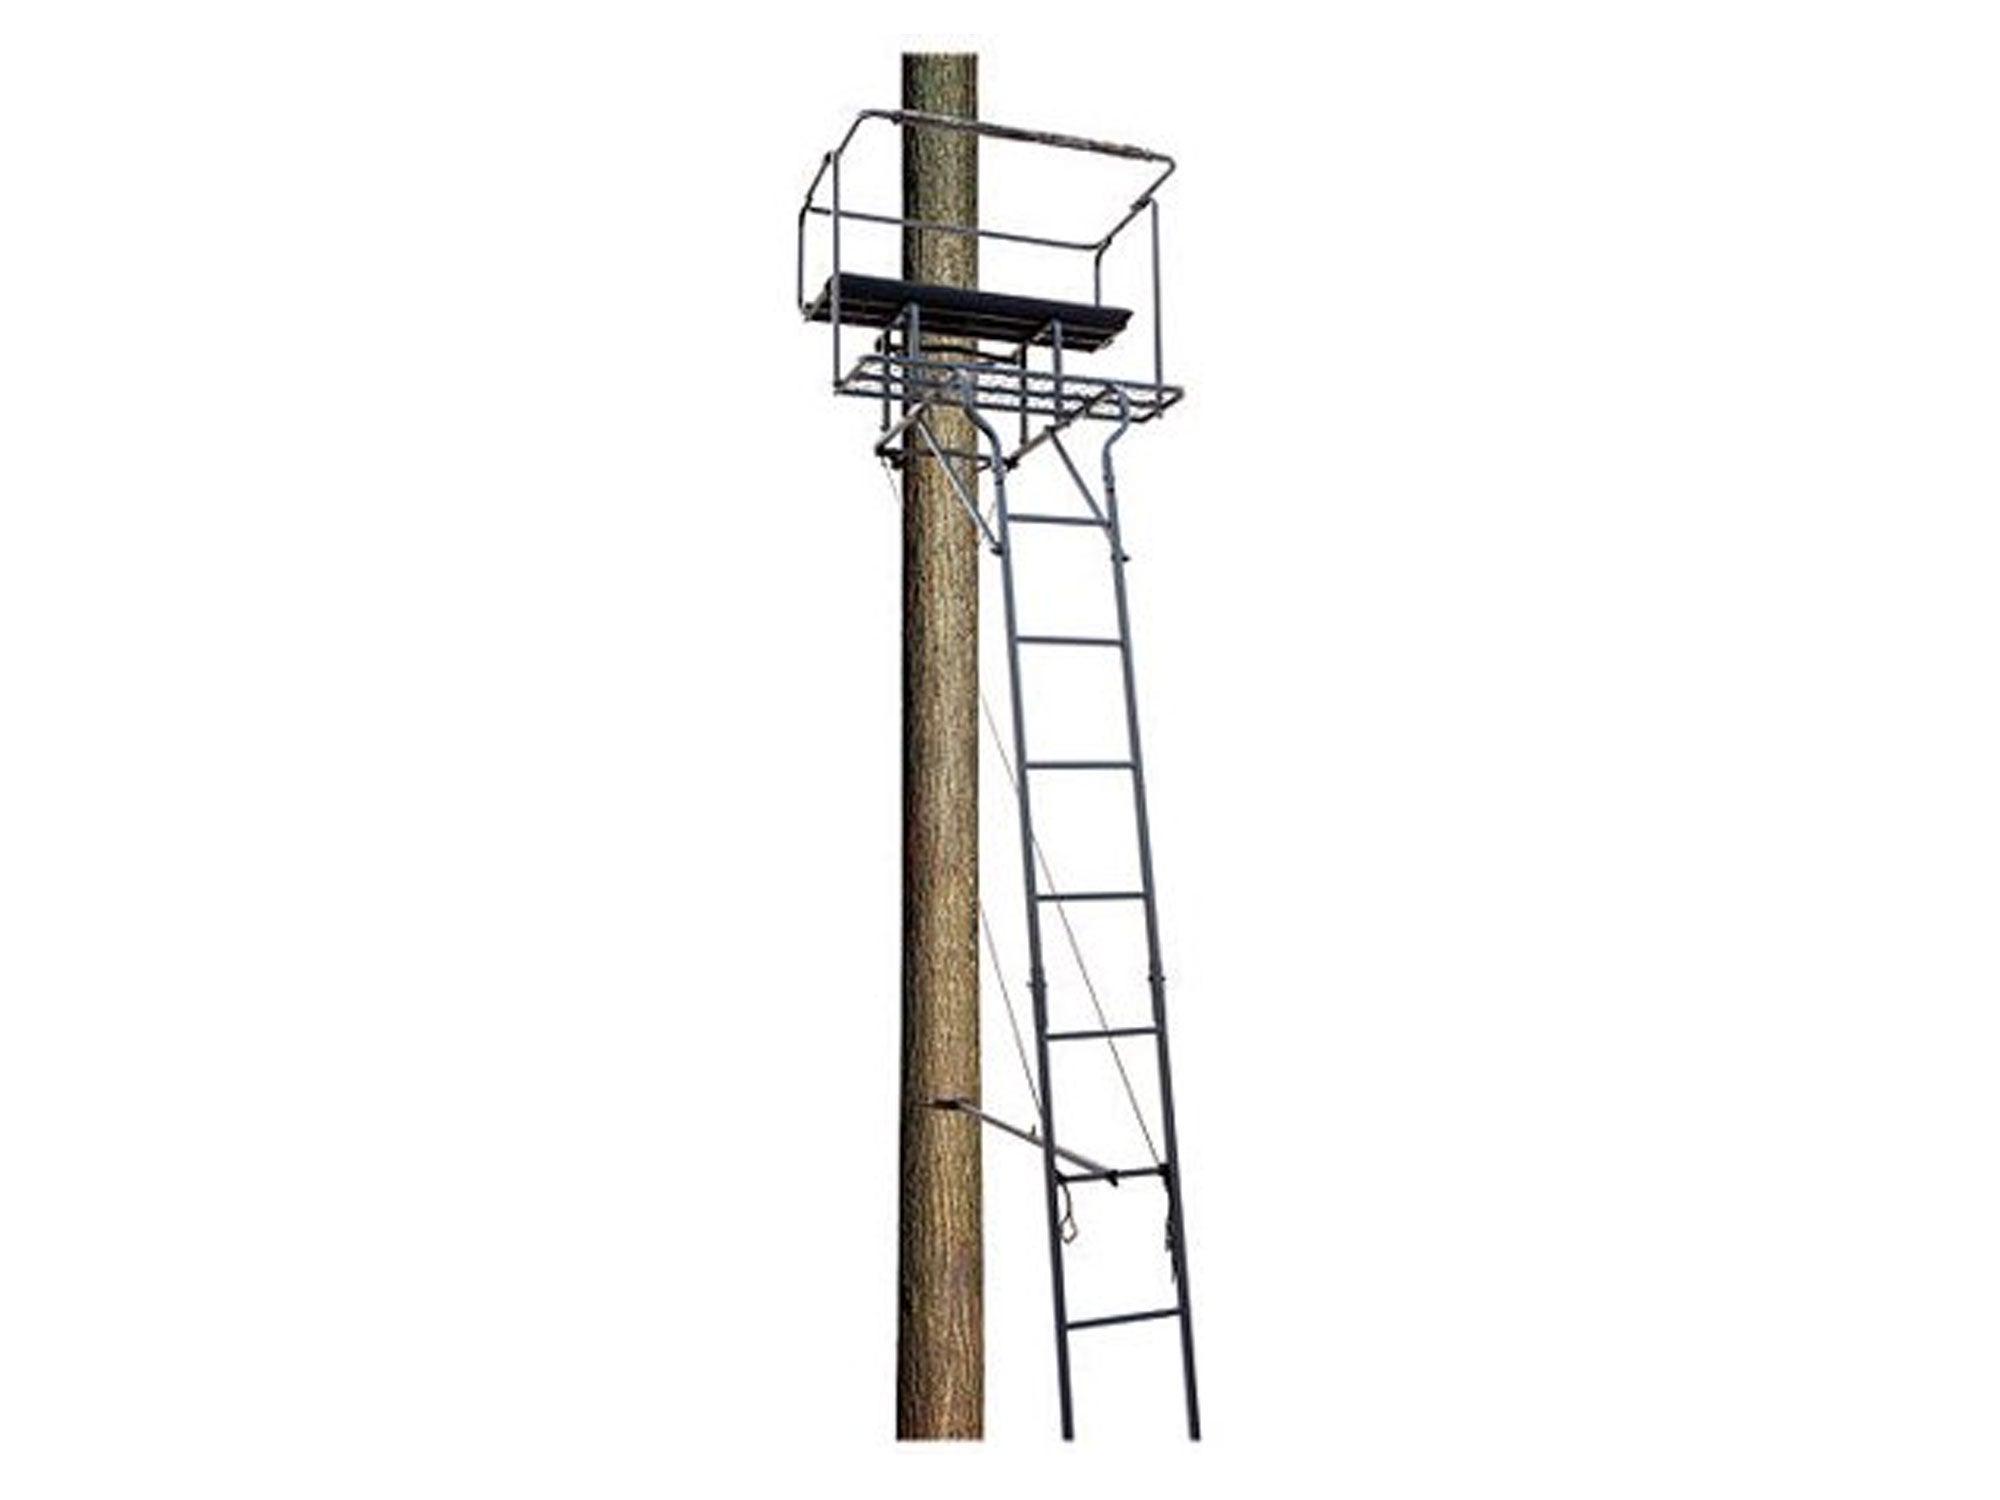 Doe watching ladder